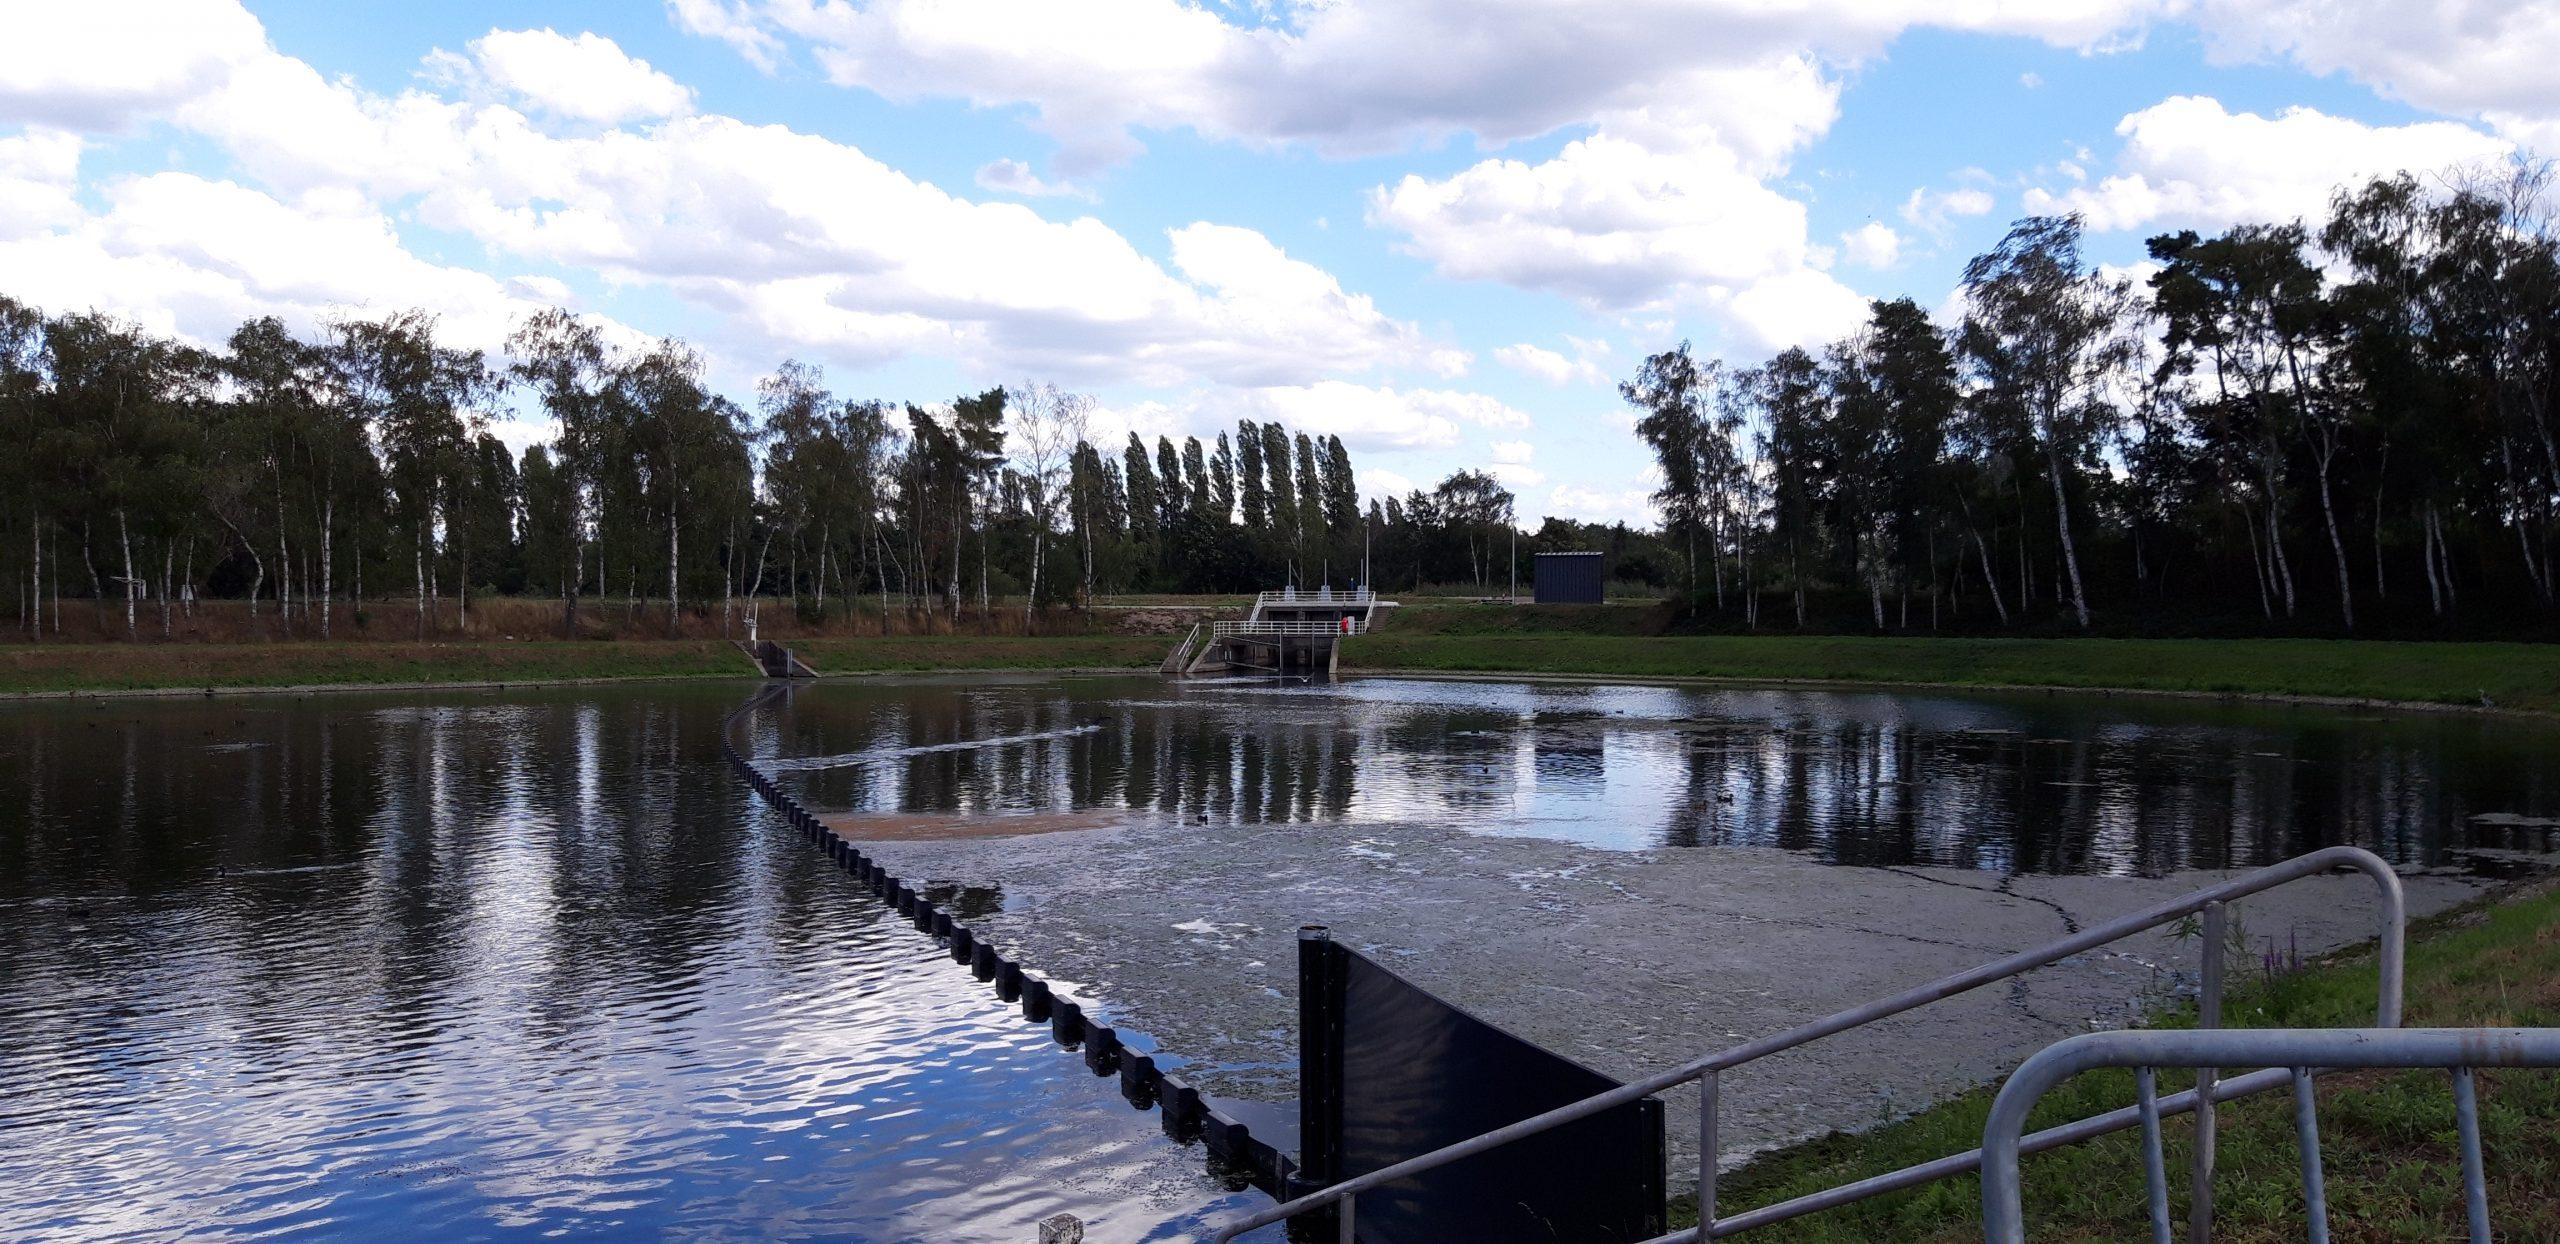 Bolina drijfvuilbarrière tegen waterpest bij Water-Link